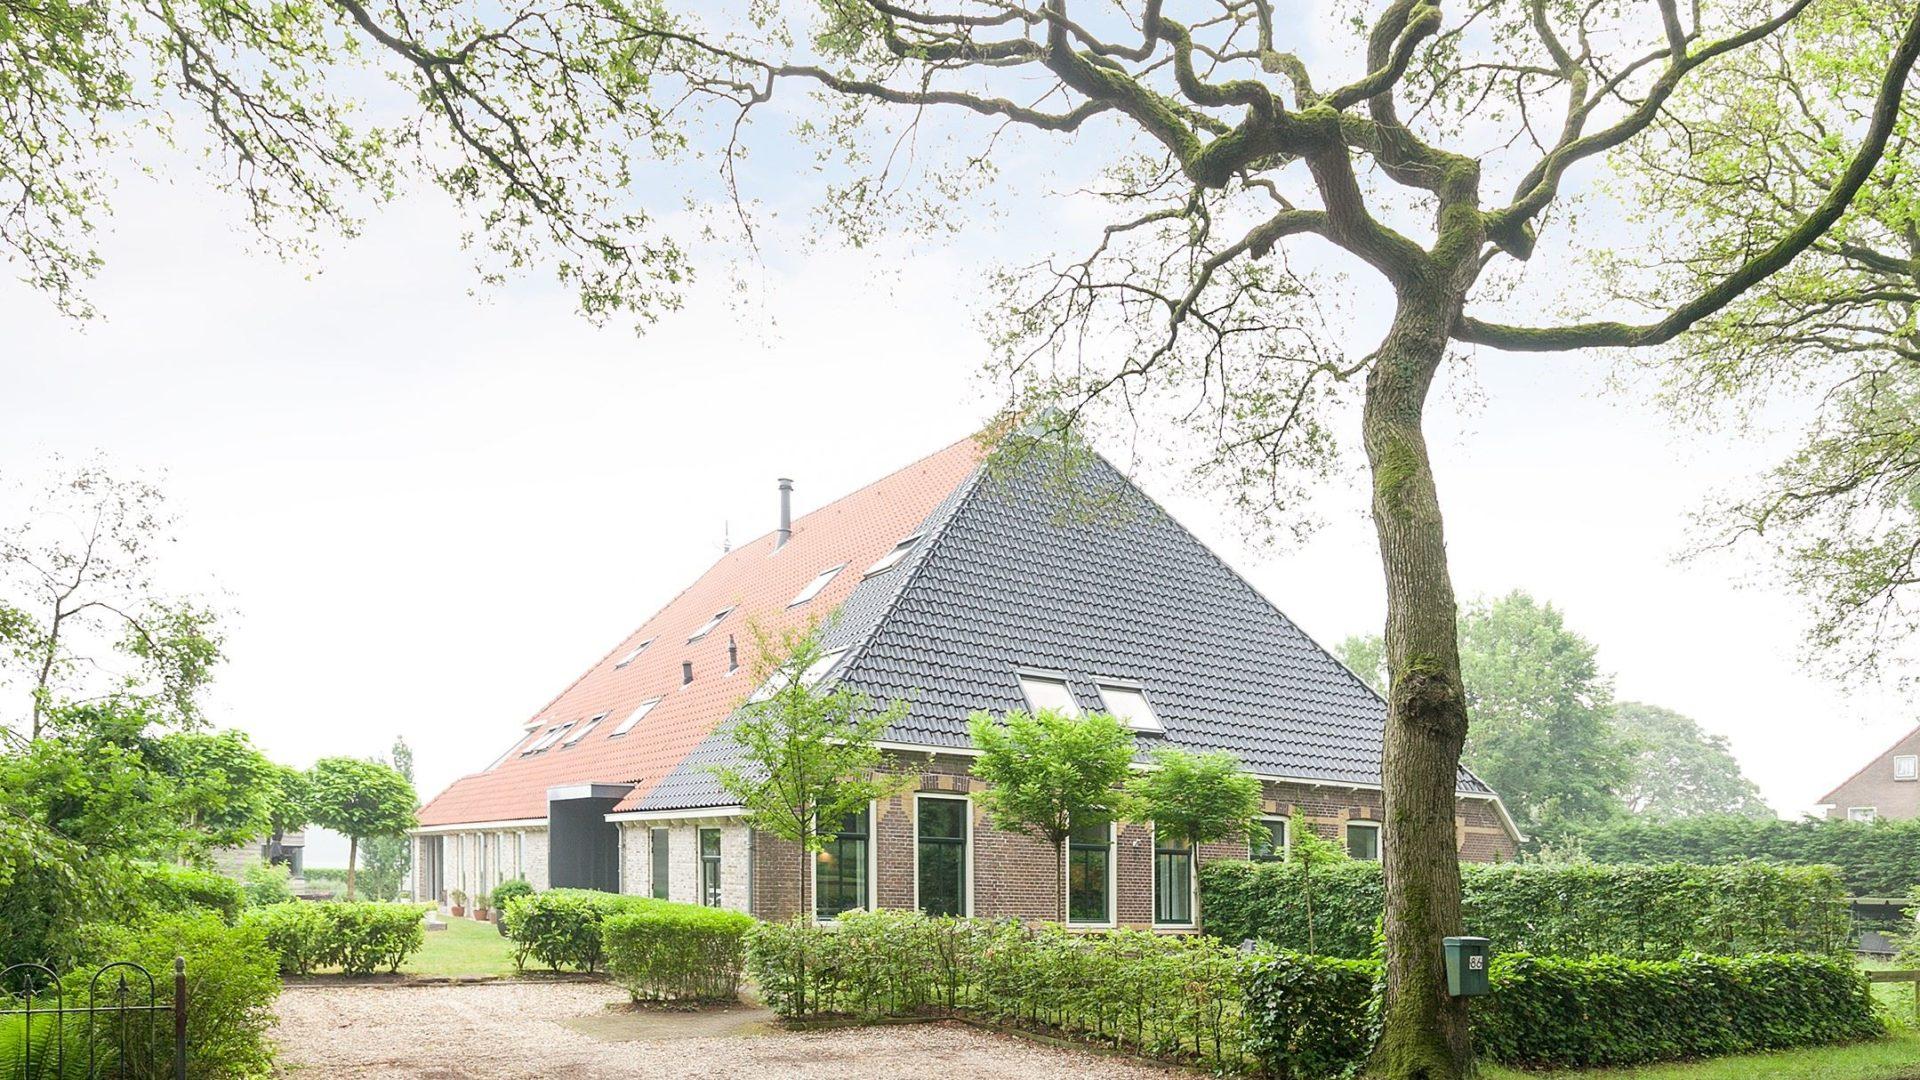 Aankoop woonboerderij Friesland Oudemirdum